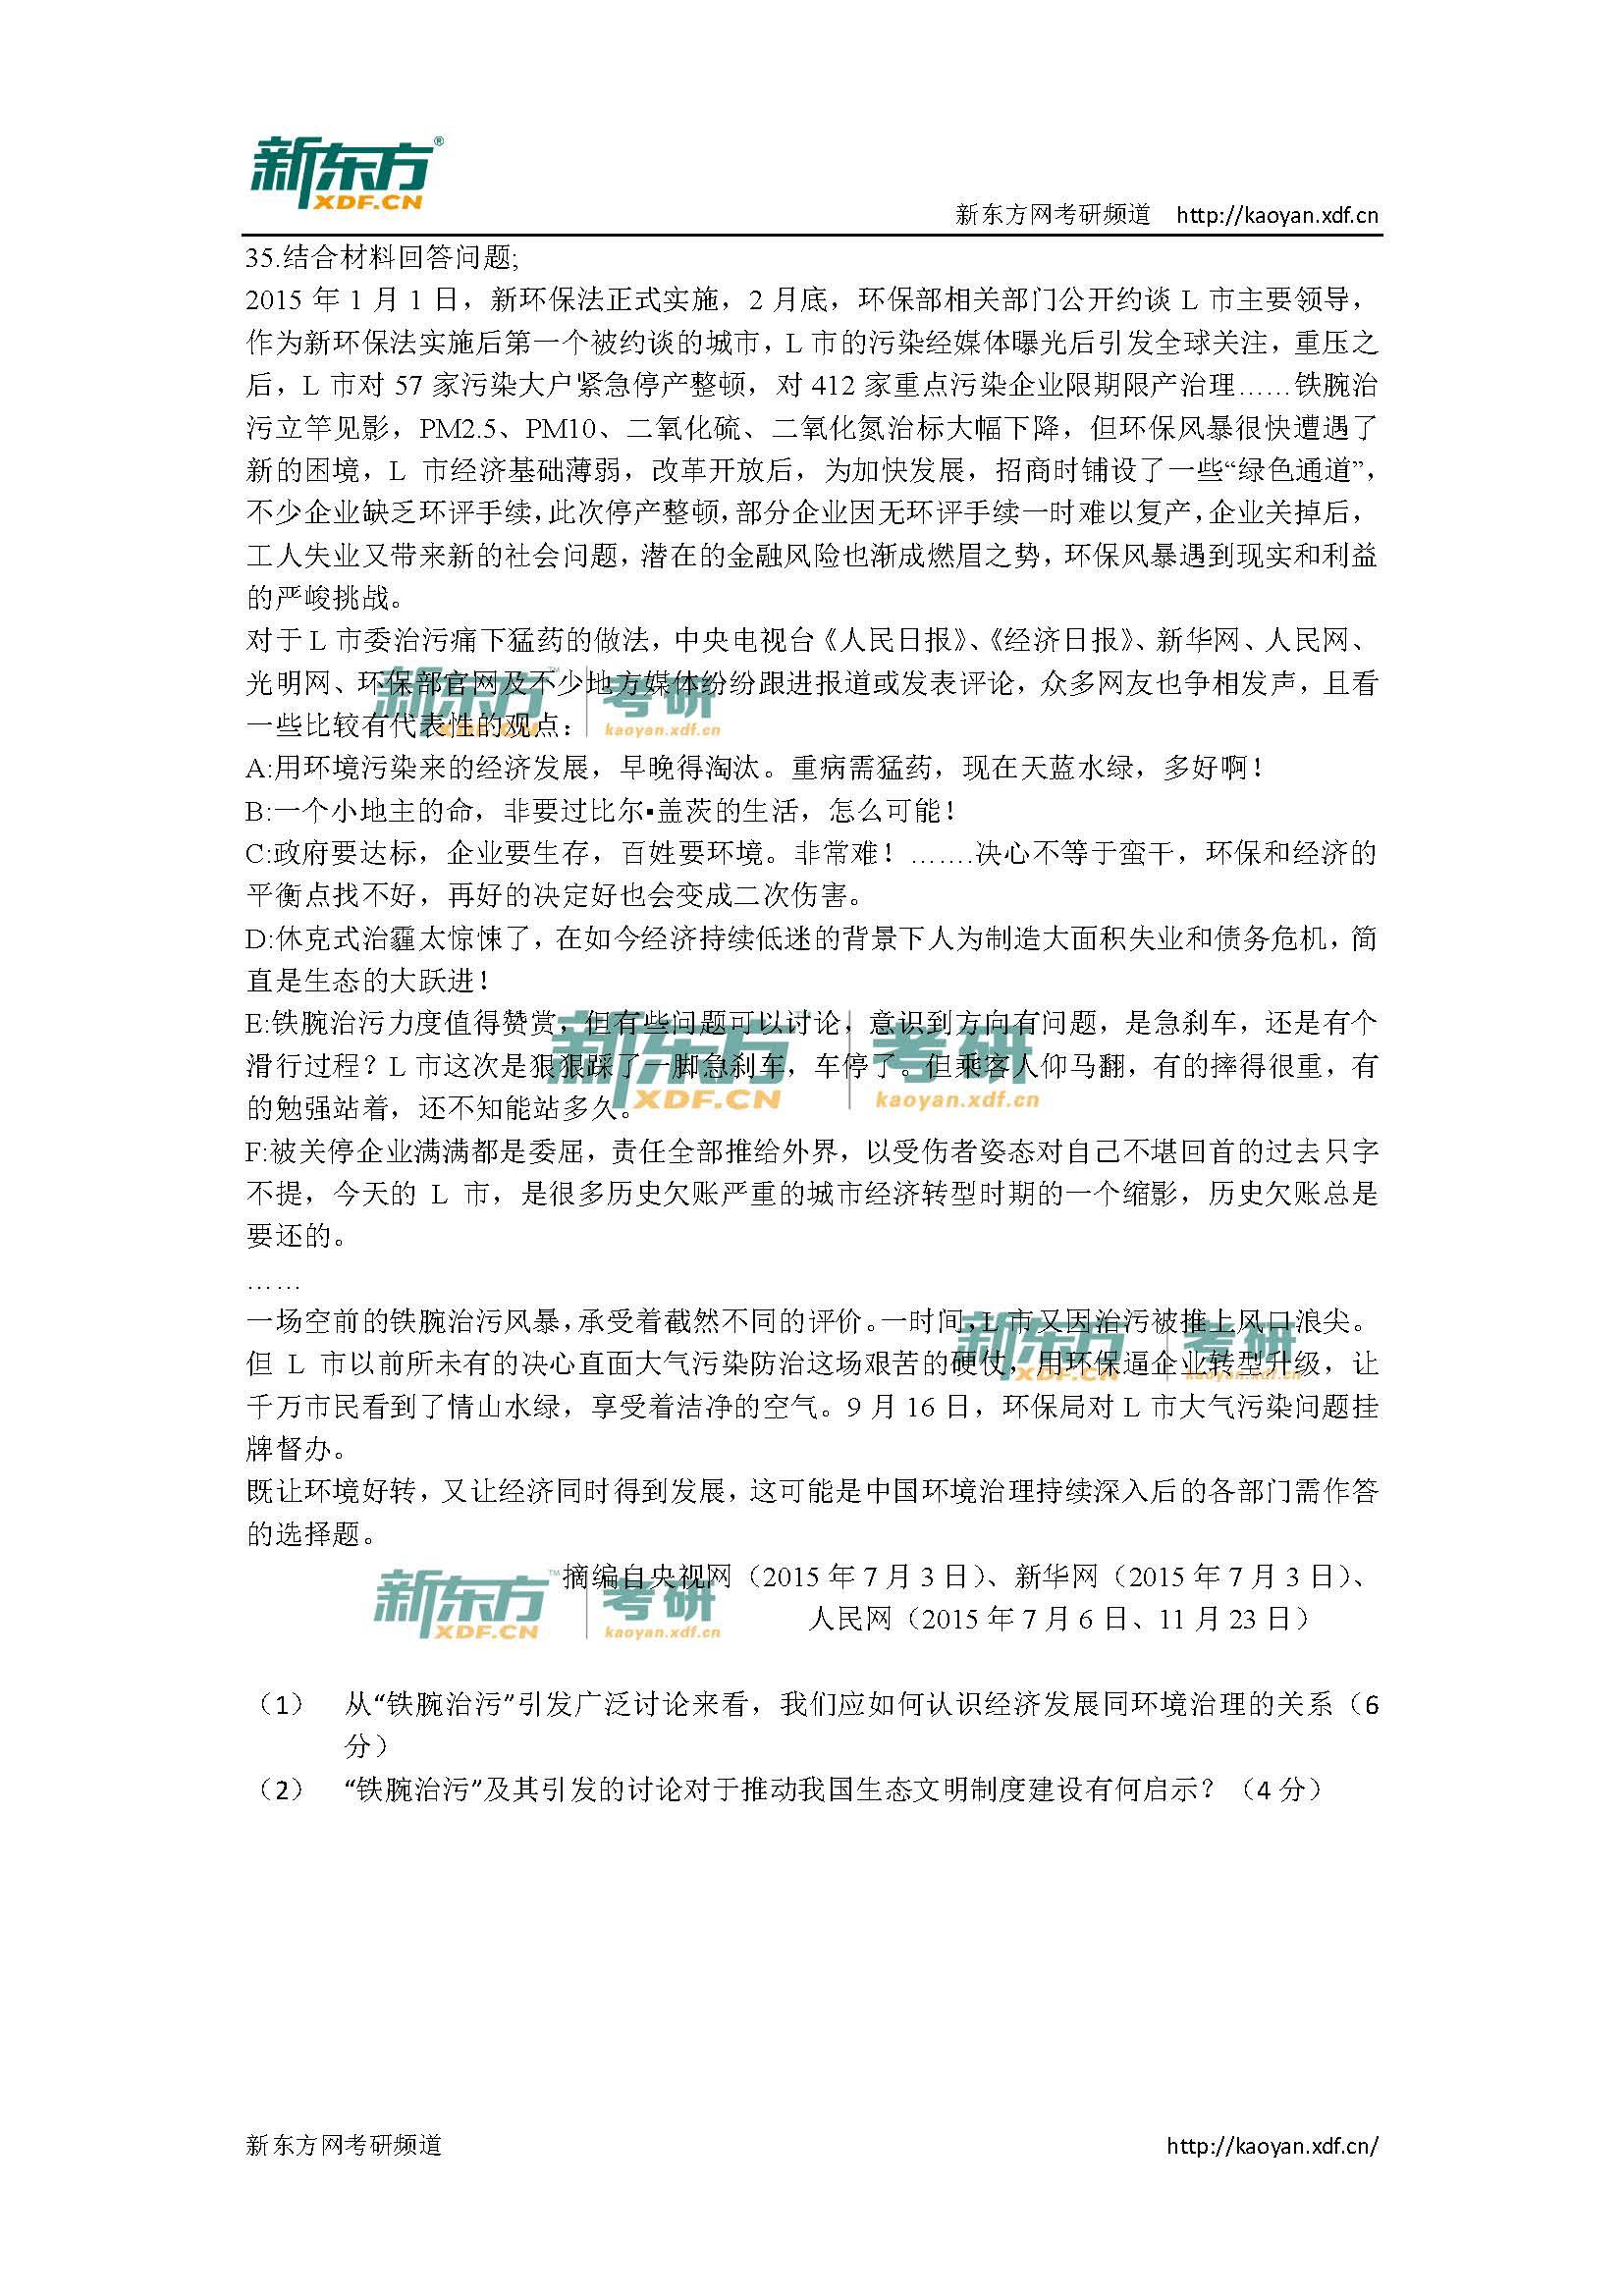 材料分析题(新东方)